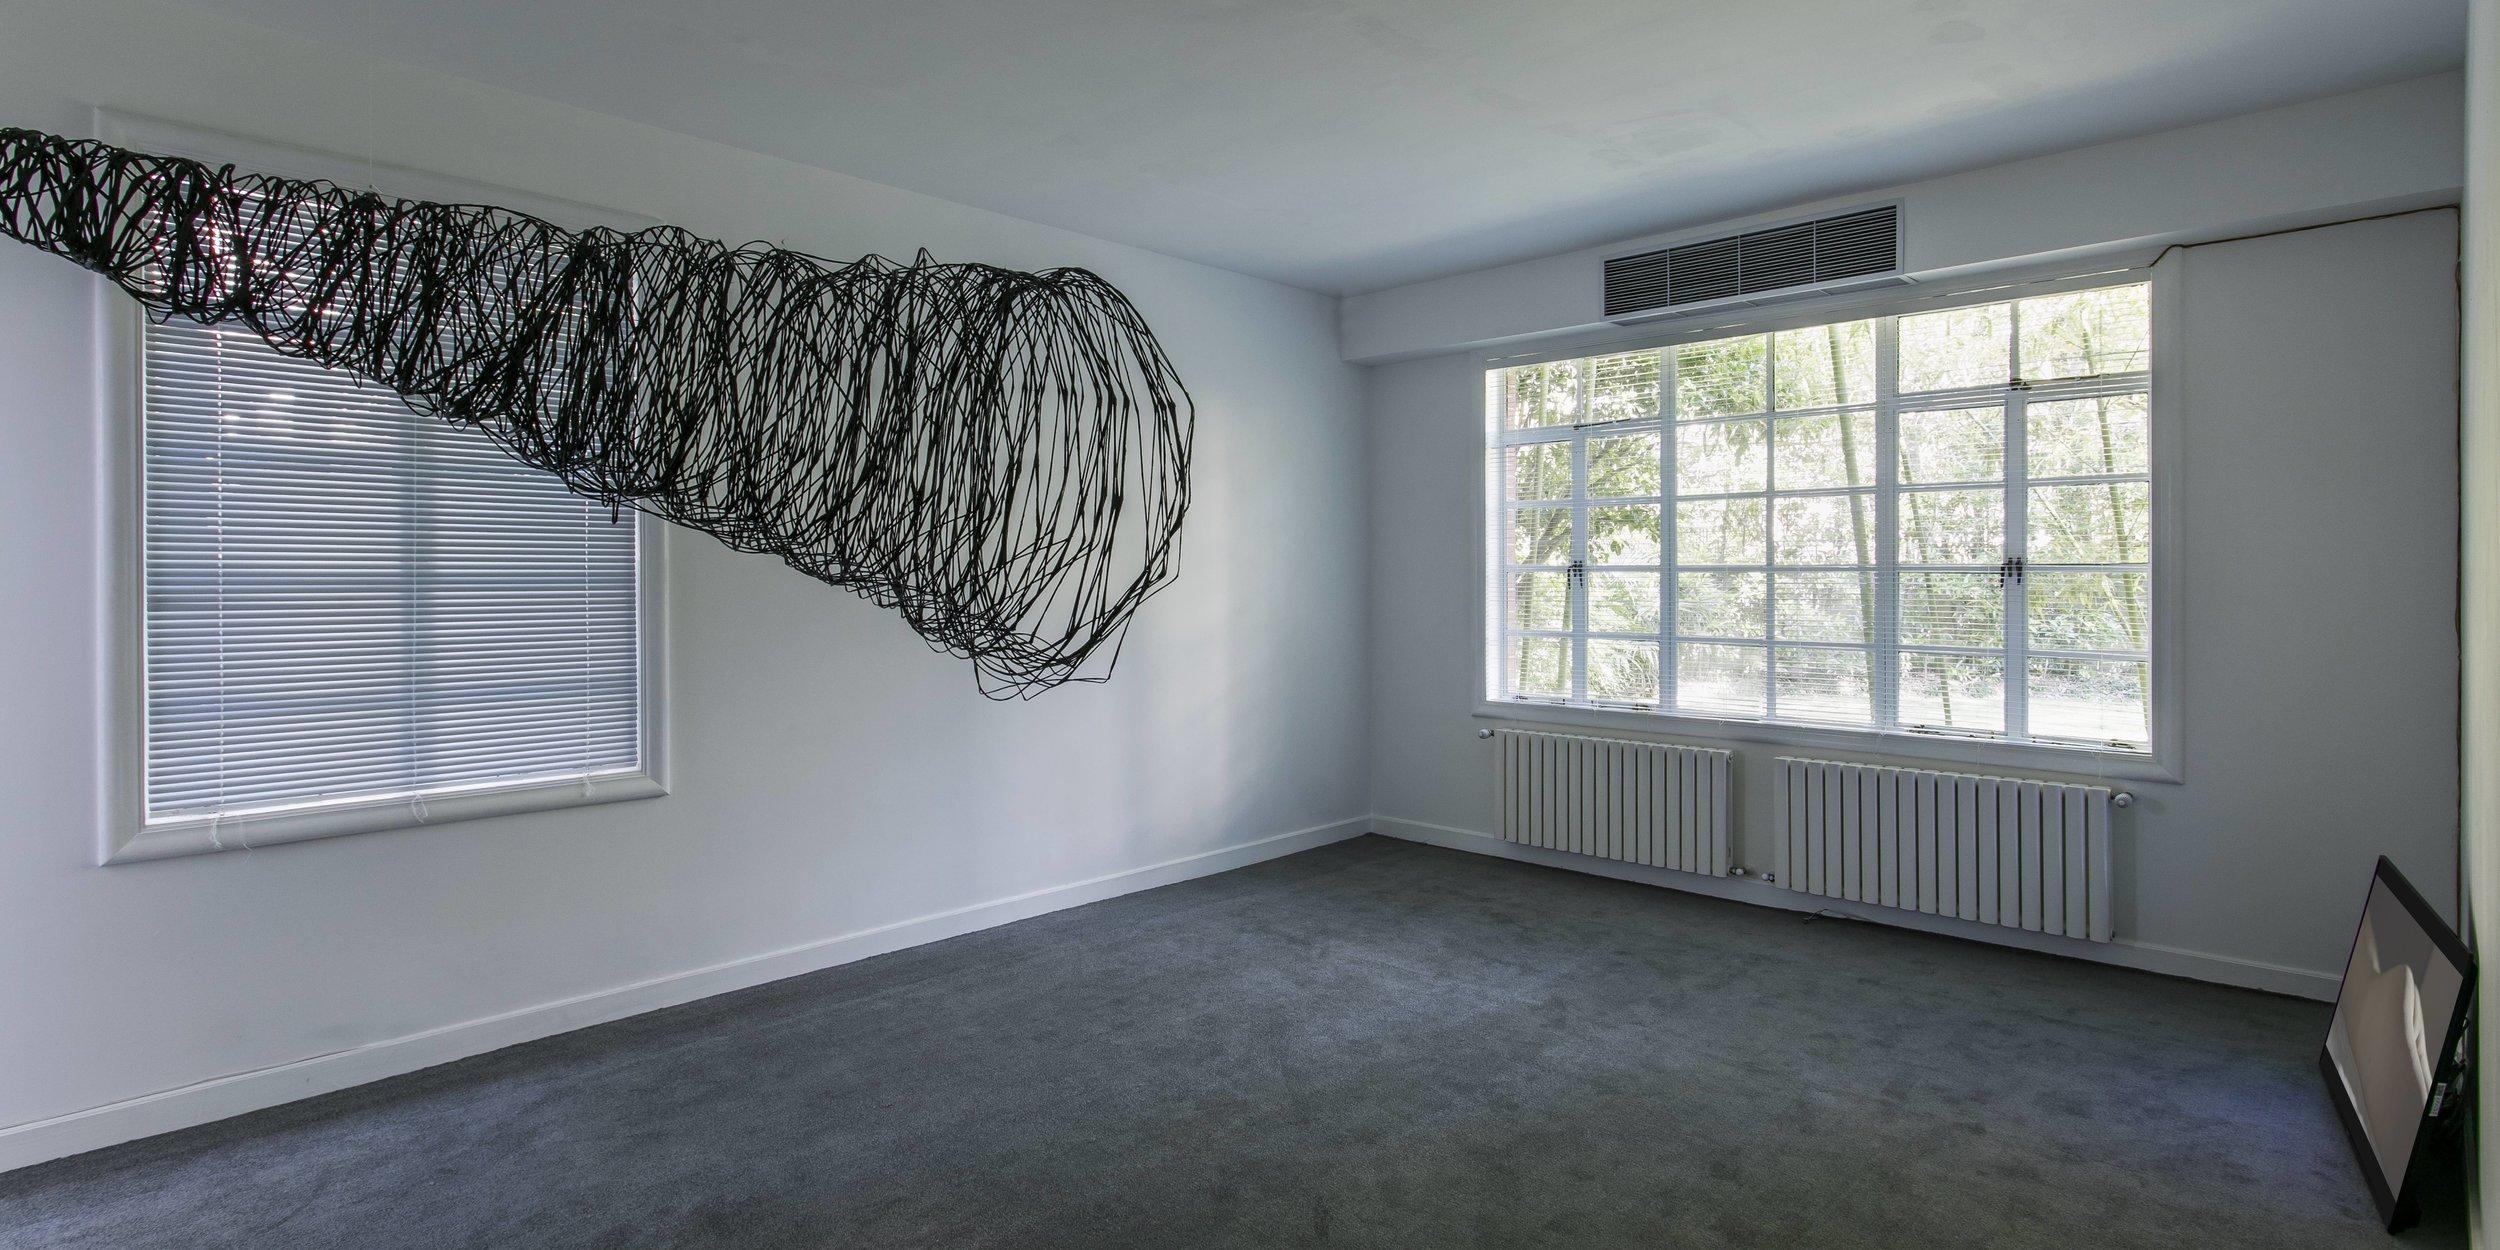 冯晨,《7本真实存在的魔法书-第二次催眠》,2017,碳纤维,100×90×200cm.